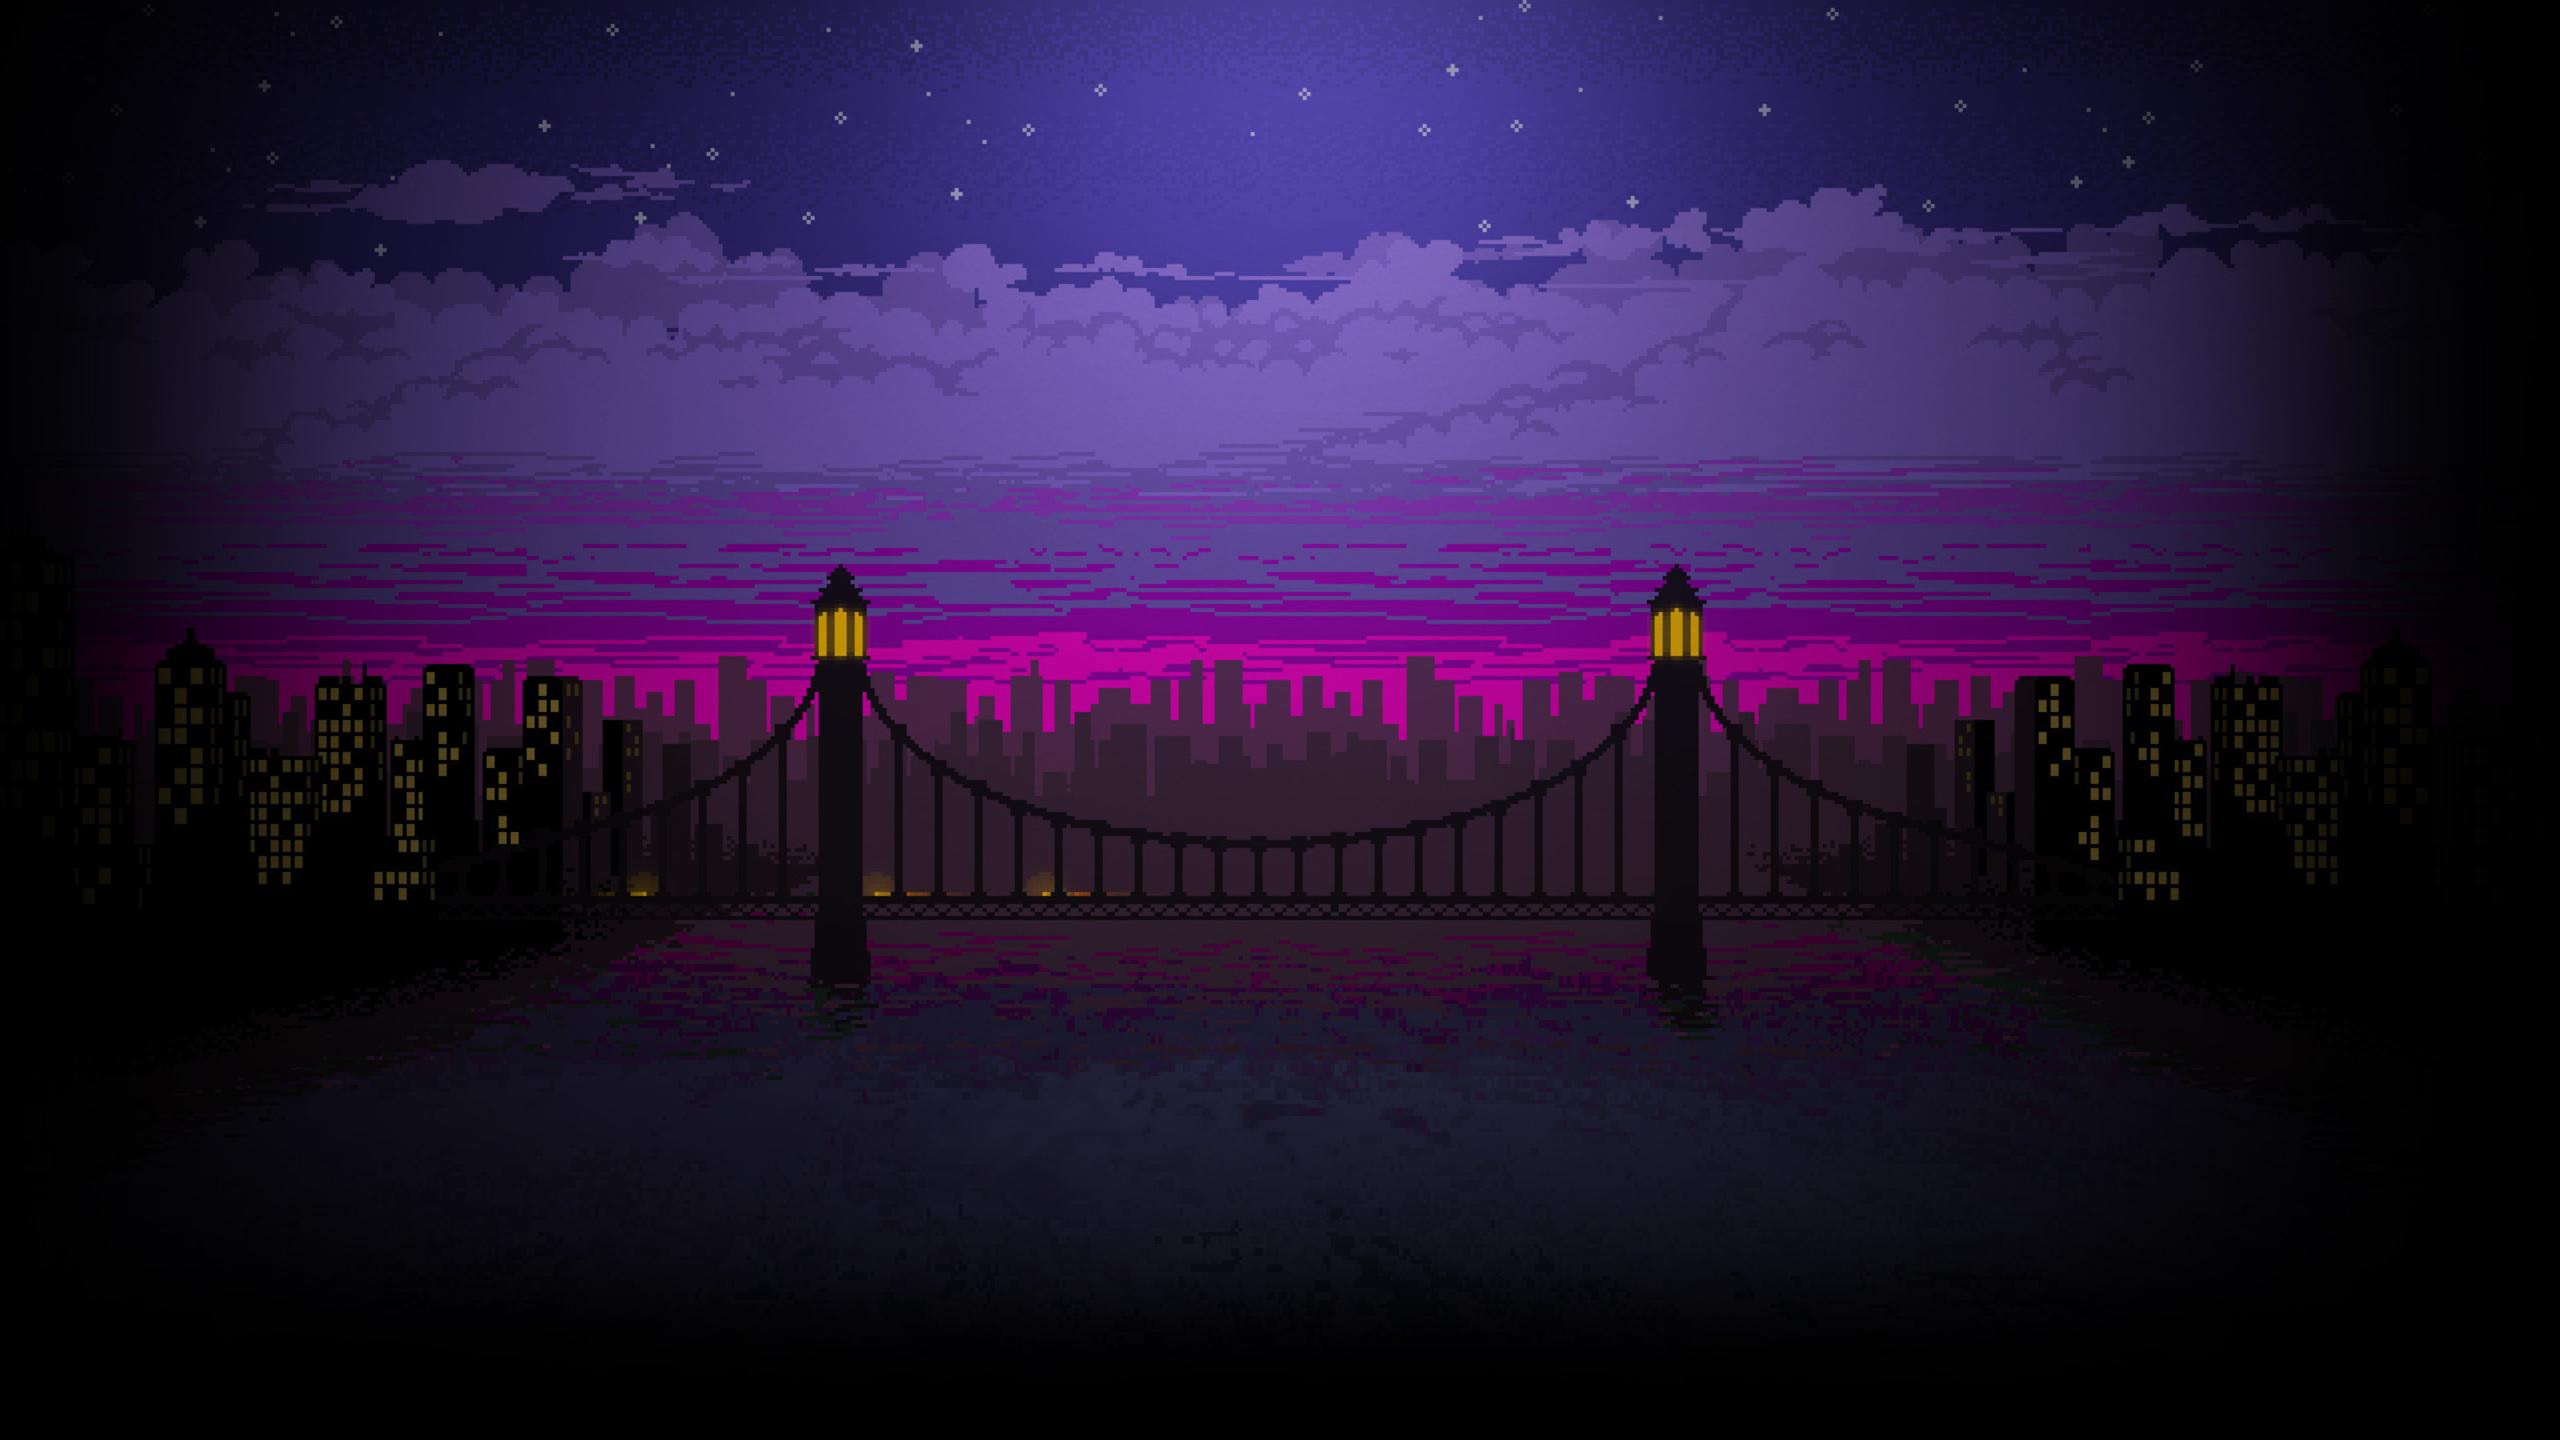 2560x1440 Pixel Art Bridge Night 1440P Resolution HD 4k